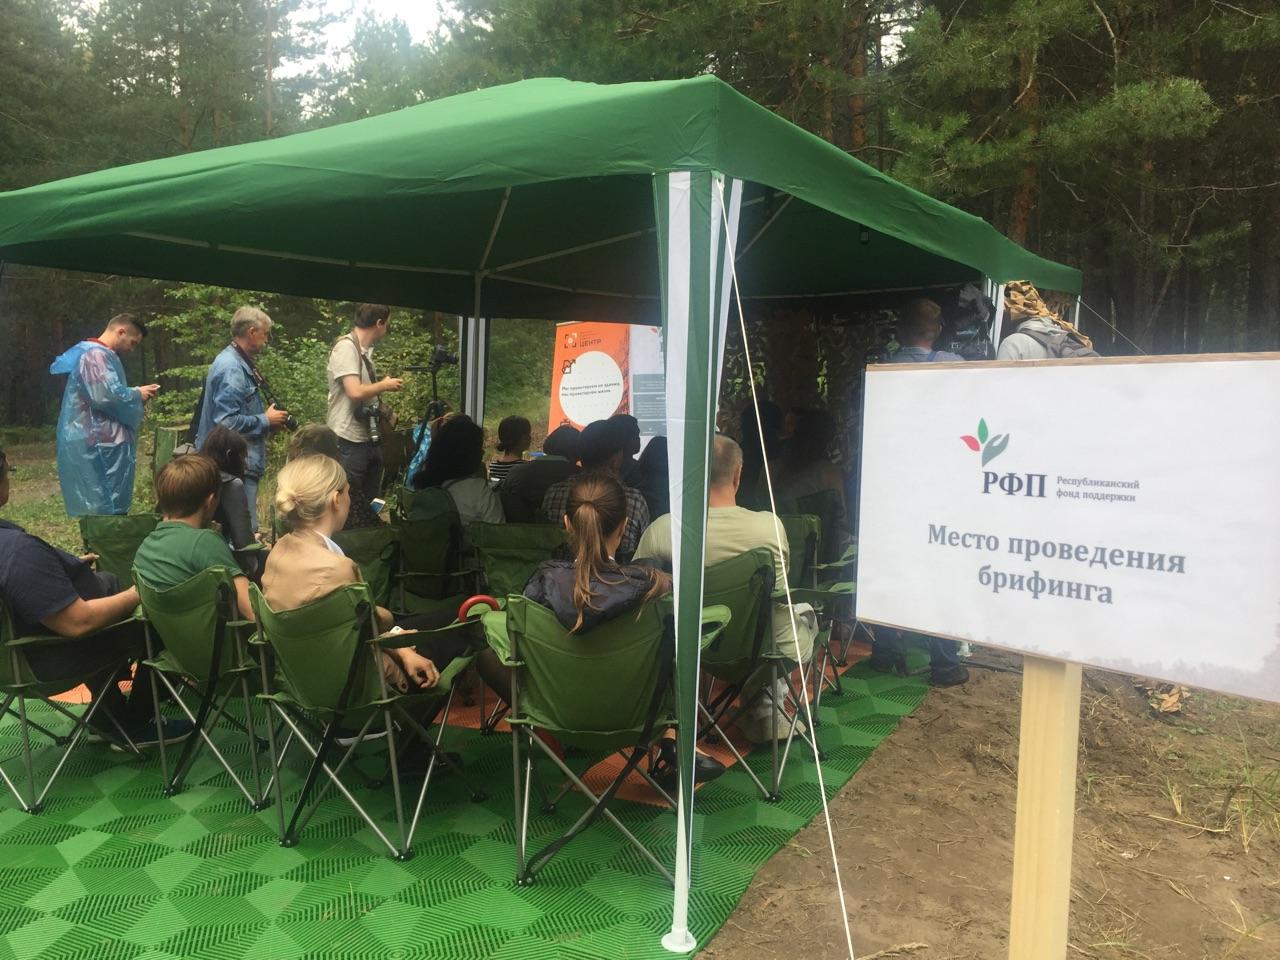 Казанские журналисты посетили территорию будущего экорайона